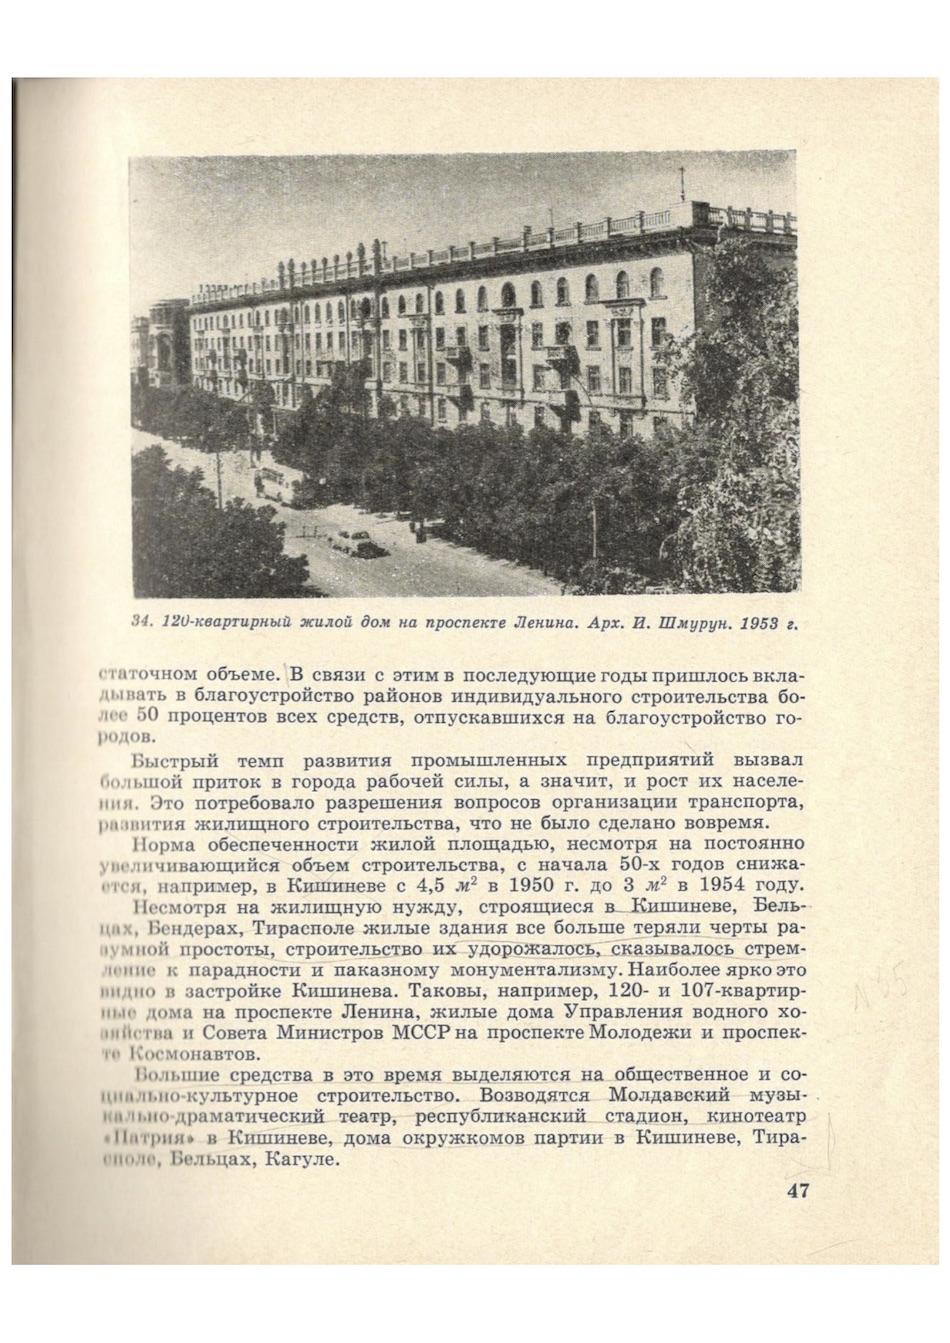 29399-Градостроительство-Молдавии-В-Ф-Смирнов